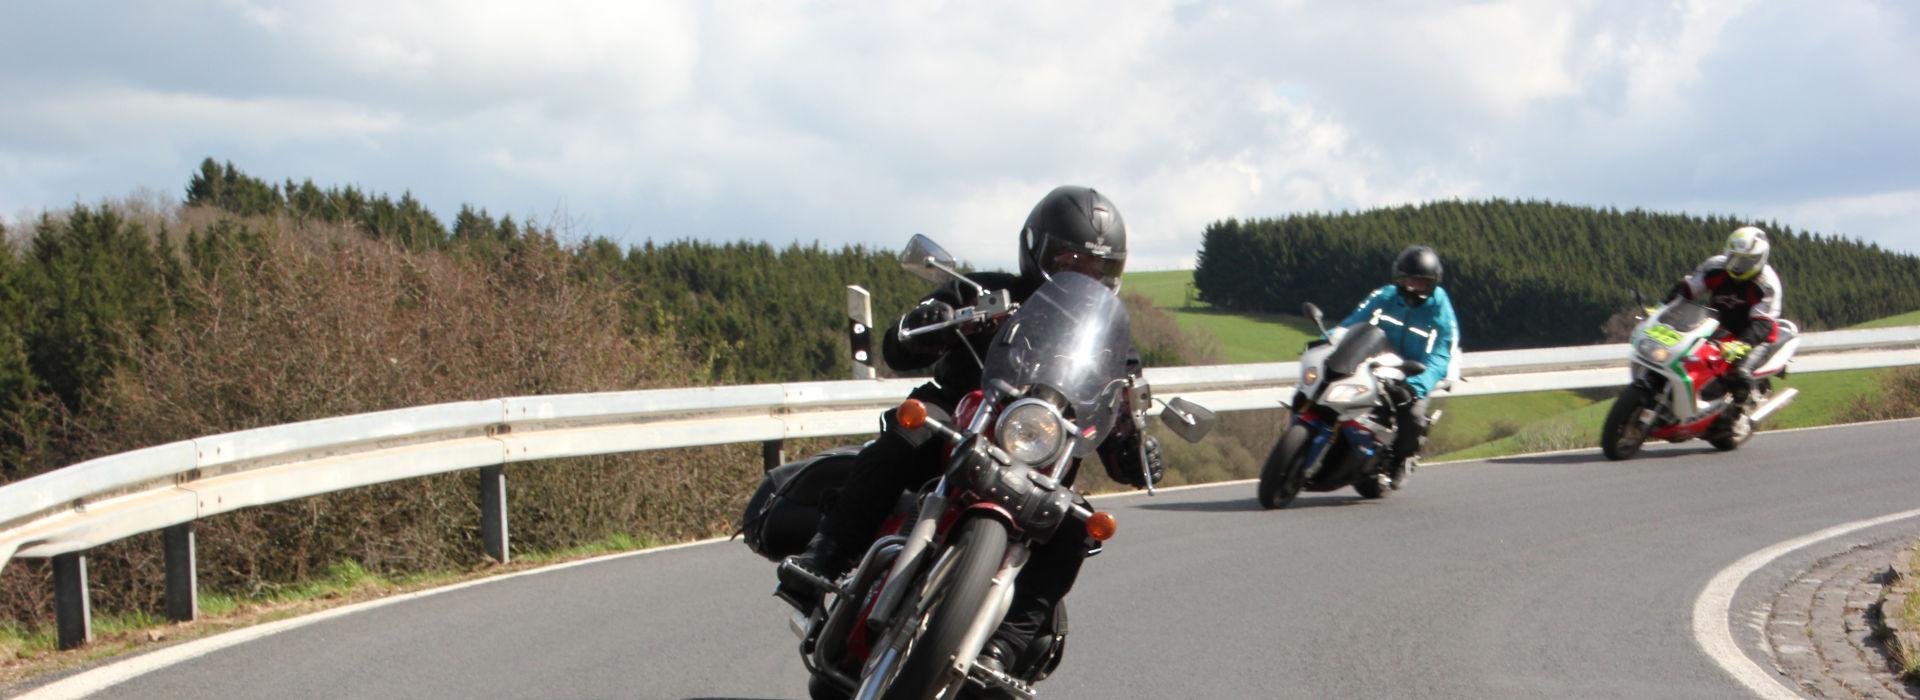 Motorrijbewijspoint Alblasserdam snel motorrijbewijs halen